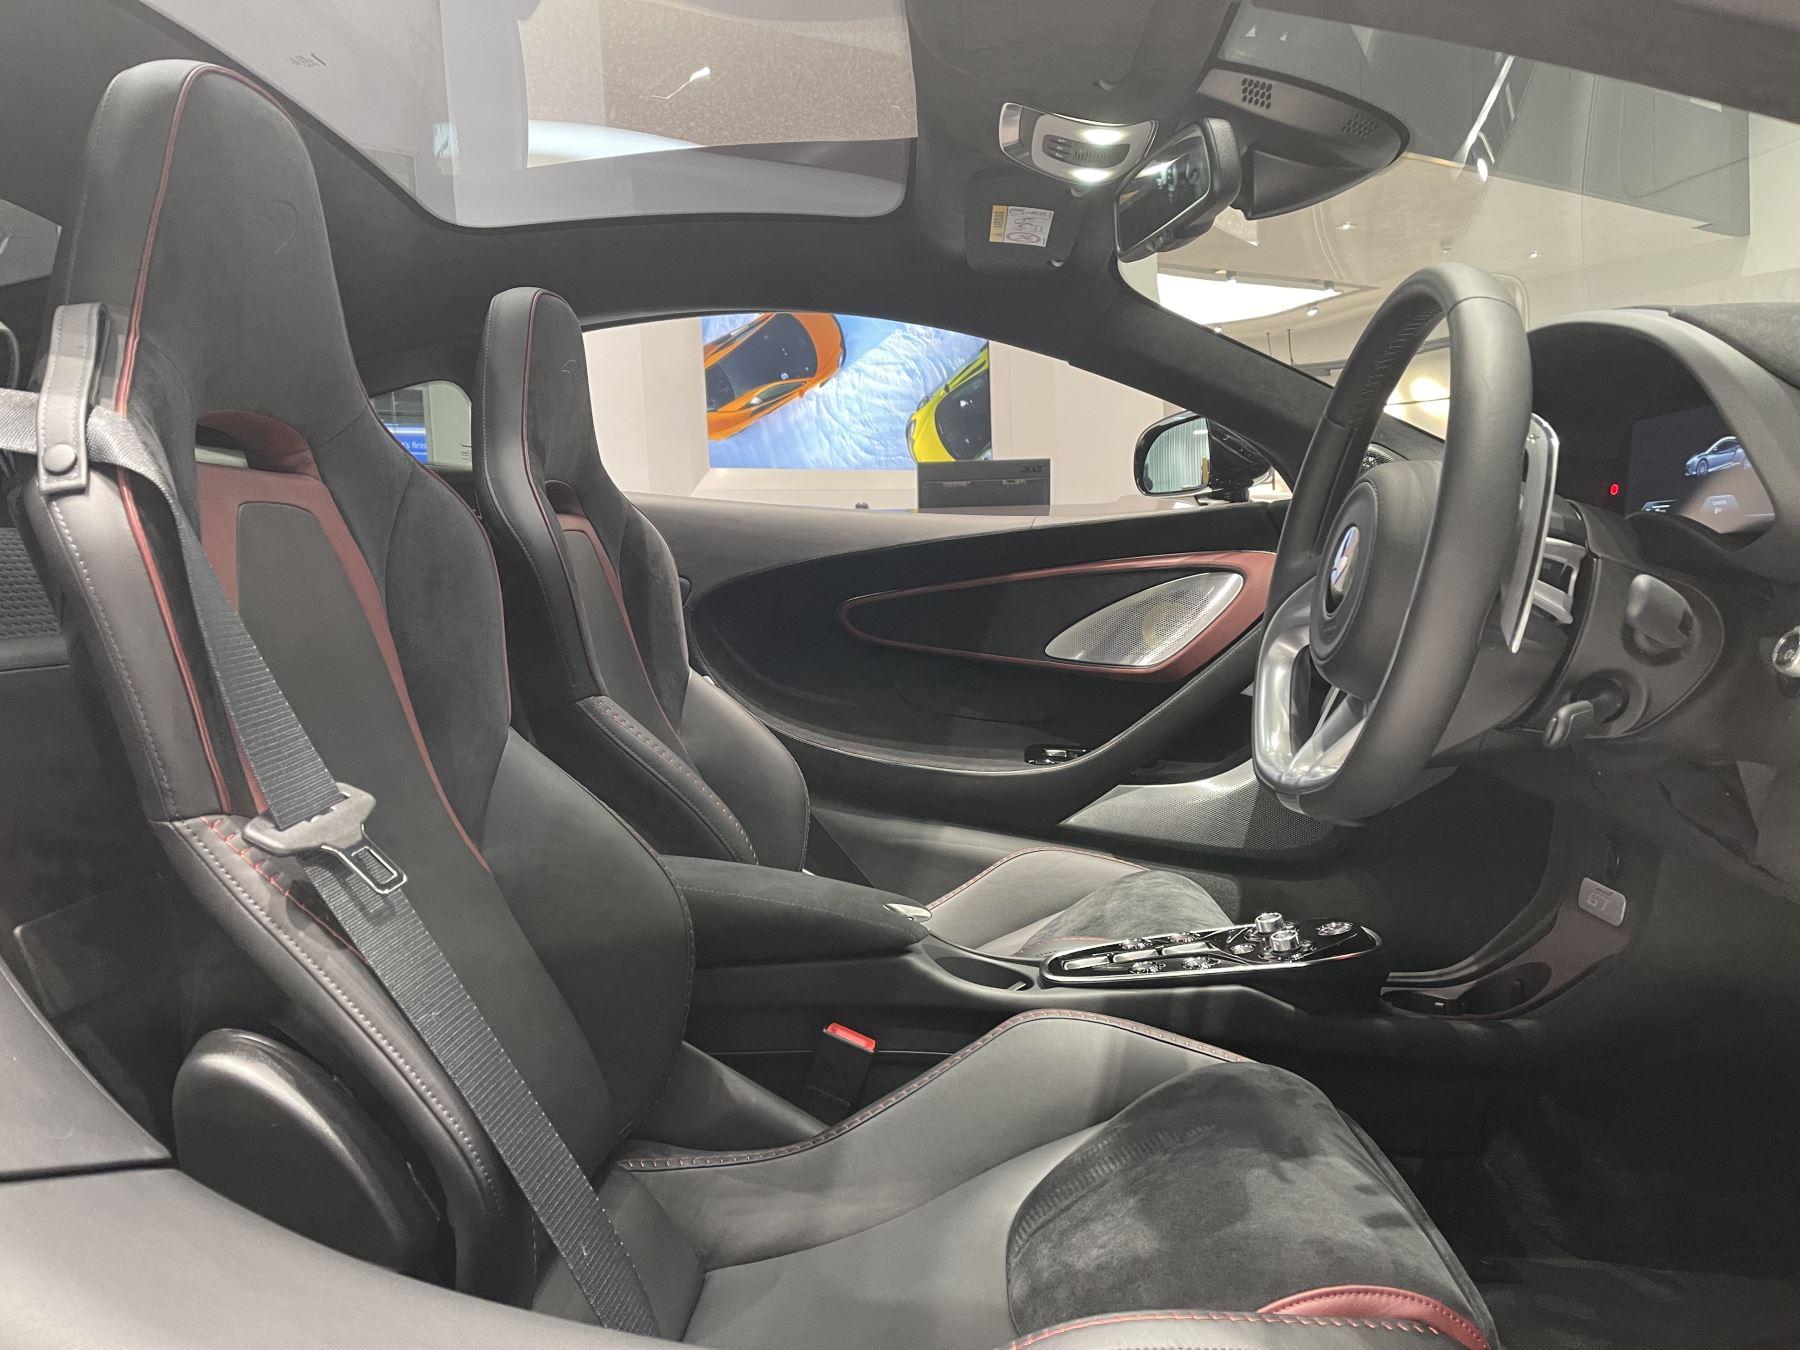 McLaren GT 4.0 V8 2dr image 13